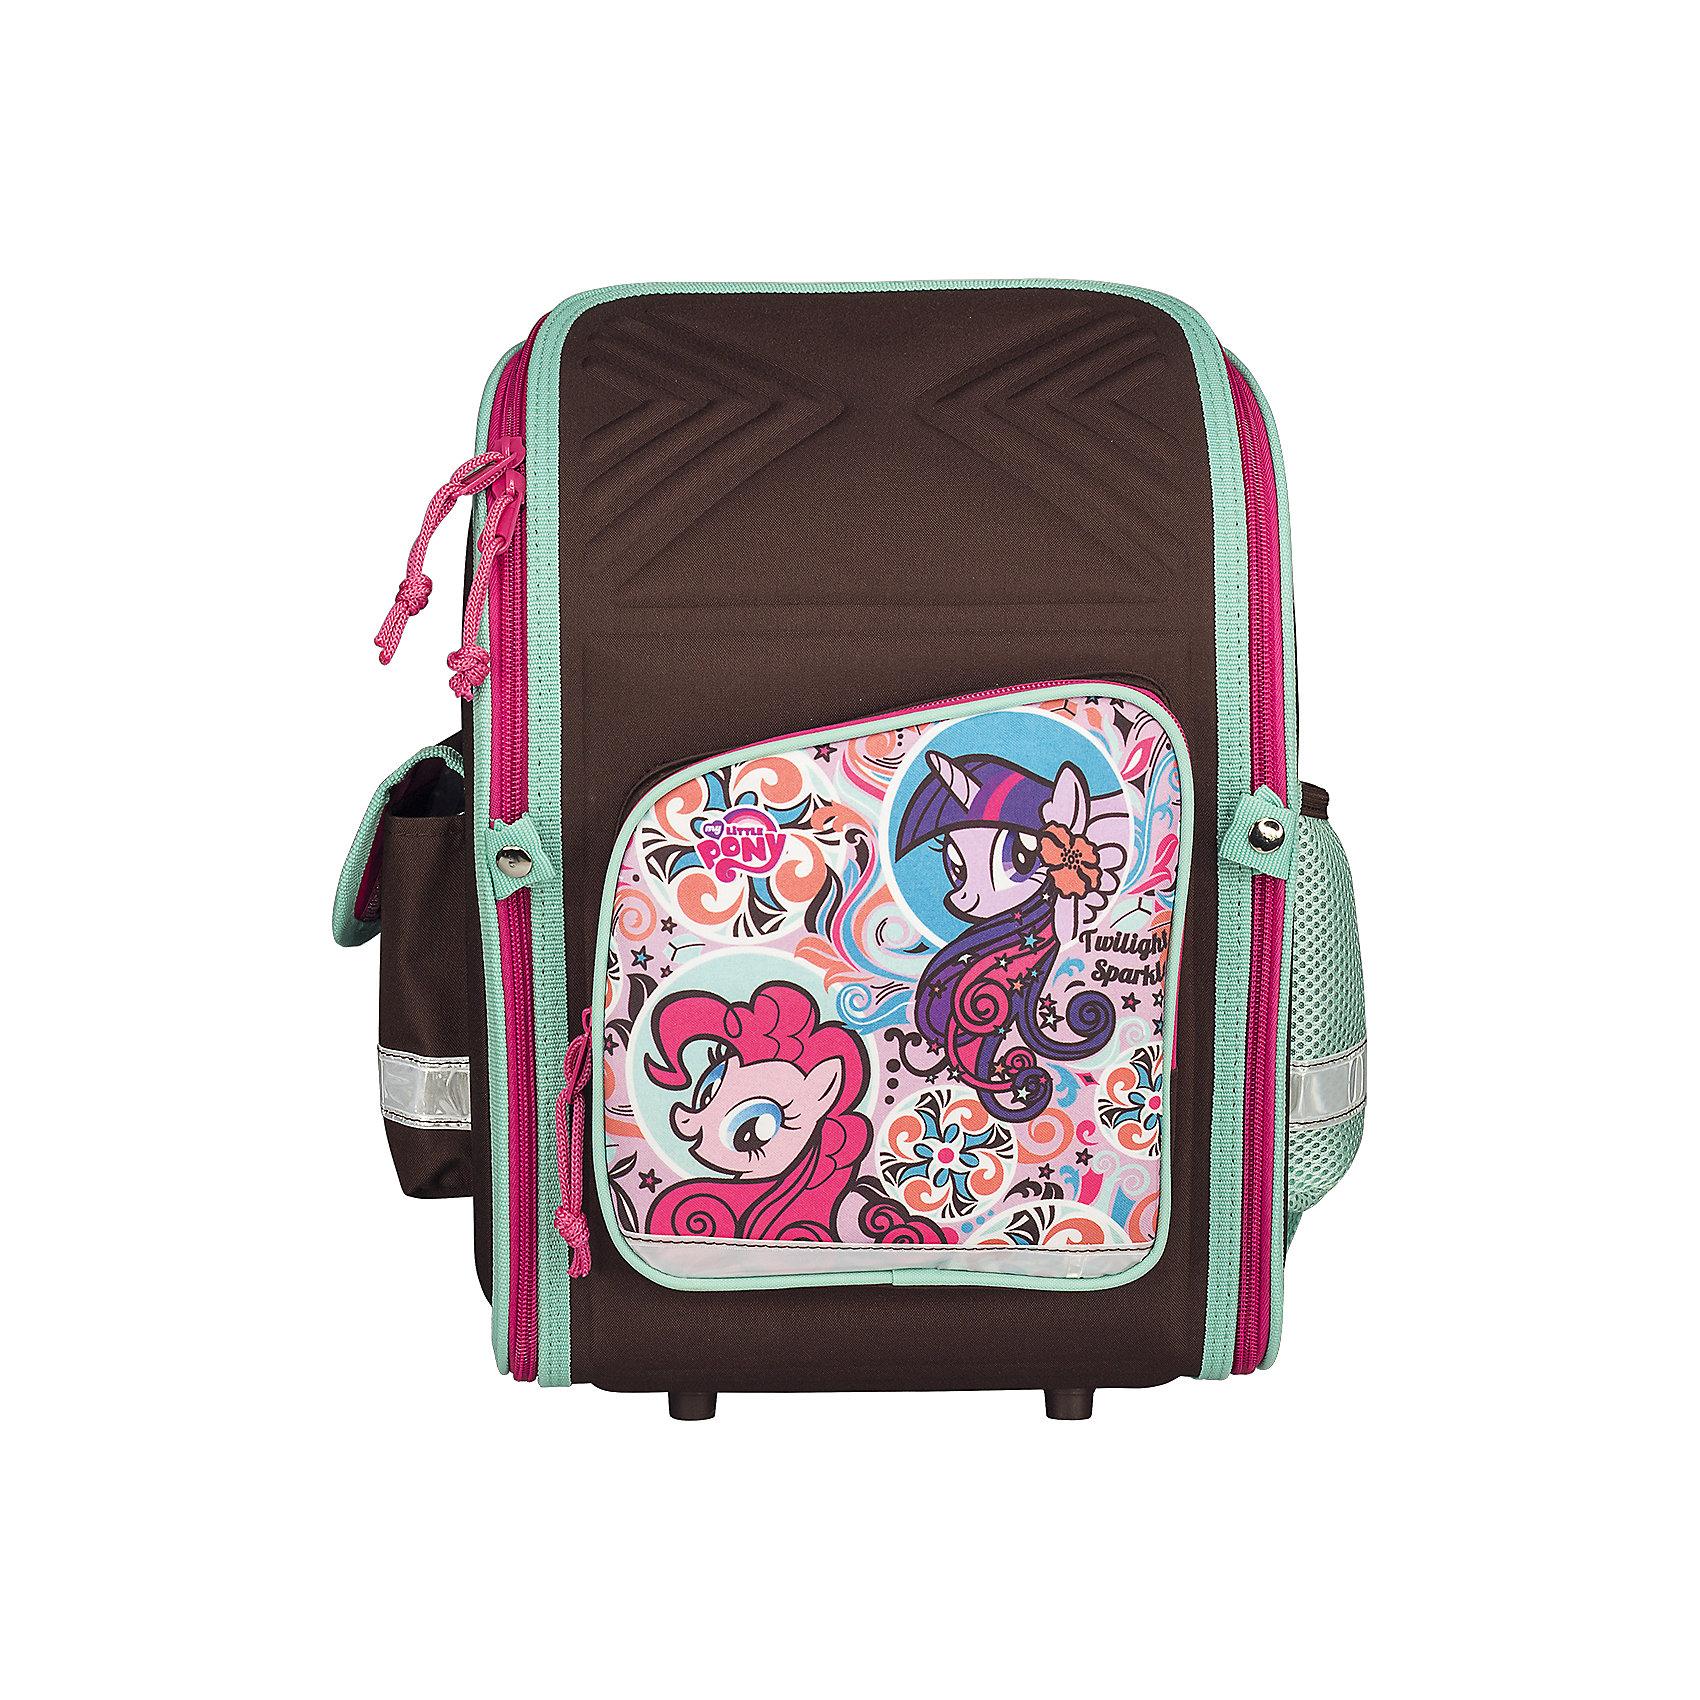 Школьный рюкзак, My Little PonyРюкзак My Little Pony - прекрасный вариант для школьных занятий. Рюкзак выполнен из износоустойчивых прочных материалов. Маленькой школьнице непременно понравится привлекательный дизайн с коричнево-розовой расцветкой и изображением волшебных лошадок из<br>популярного мультсериала Мой маленький пони. Корпус рюкзака, эргономичная спинка, дно и крышка изготовлены из современного материала EVA. Широкие анатомические лямки, регулируемые по длине, равномерно распределяют нагрузку на плечевой пояс. Также есть удобная<br>прорезиненная ручка для переноски в руках. <br><br>Рюкзак закрывается на застежку-молнию, внутри одно просторное вместительное отделение с двумя разделителями и утягивающей резинкой. На лицевой стороне рюкзака расположен большой накладной карман, закрывающийся на молнию, также имеются карманы по бокам рюкзака<br>(сетчатый и на липучке). Светоотражающие вставки повышают безопасность ребенка на дороге.<br><br><br>Дополнительная информация:<br><br>- Материал: полиэстер.  <br>- Размер: 34,5 х 26 х 13 см.<br>- Вес: 0,83 кг.<br><br>Рюкзак, My Little Pony, можно купить в нашем интернет-магазине.<br><br>Ширина мм: 260<br>Глубина мм: 130<br>Высота мм: 345<br>Вес г: 830<br>Возраст от месяцев: 60<br>Возраст до месяцев: 84<br>Пол: Женский<br>Возраст: Детский<br>SKU: 4681145